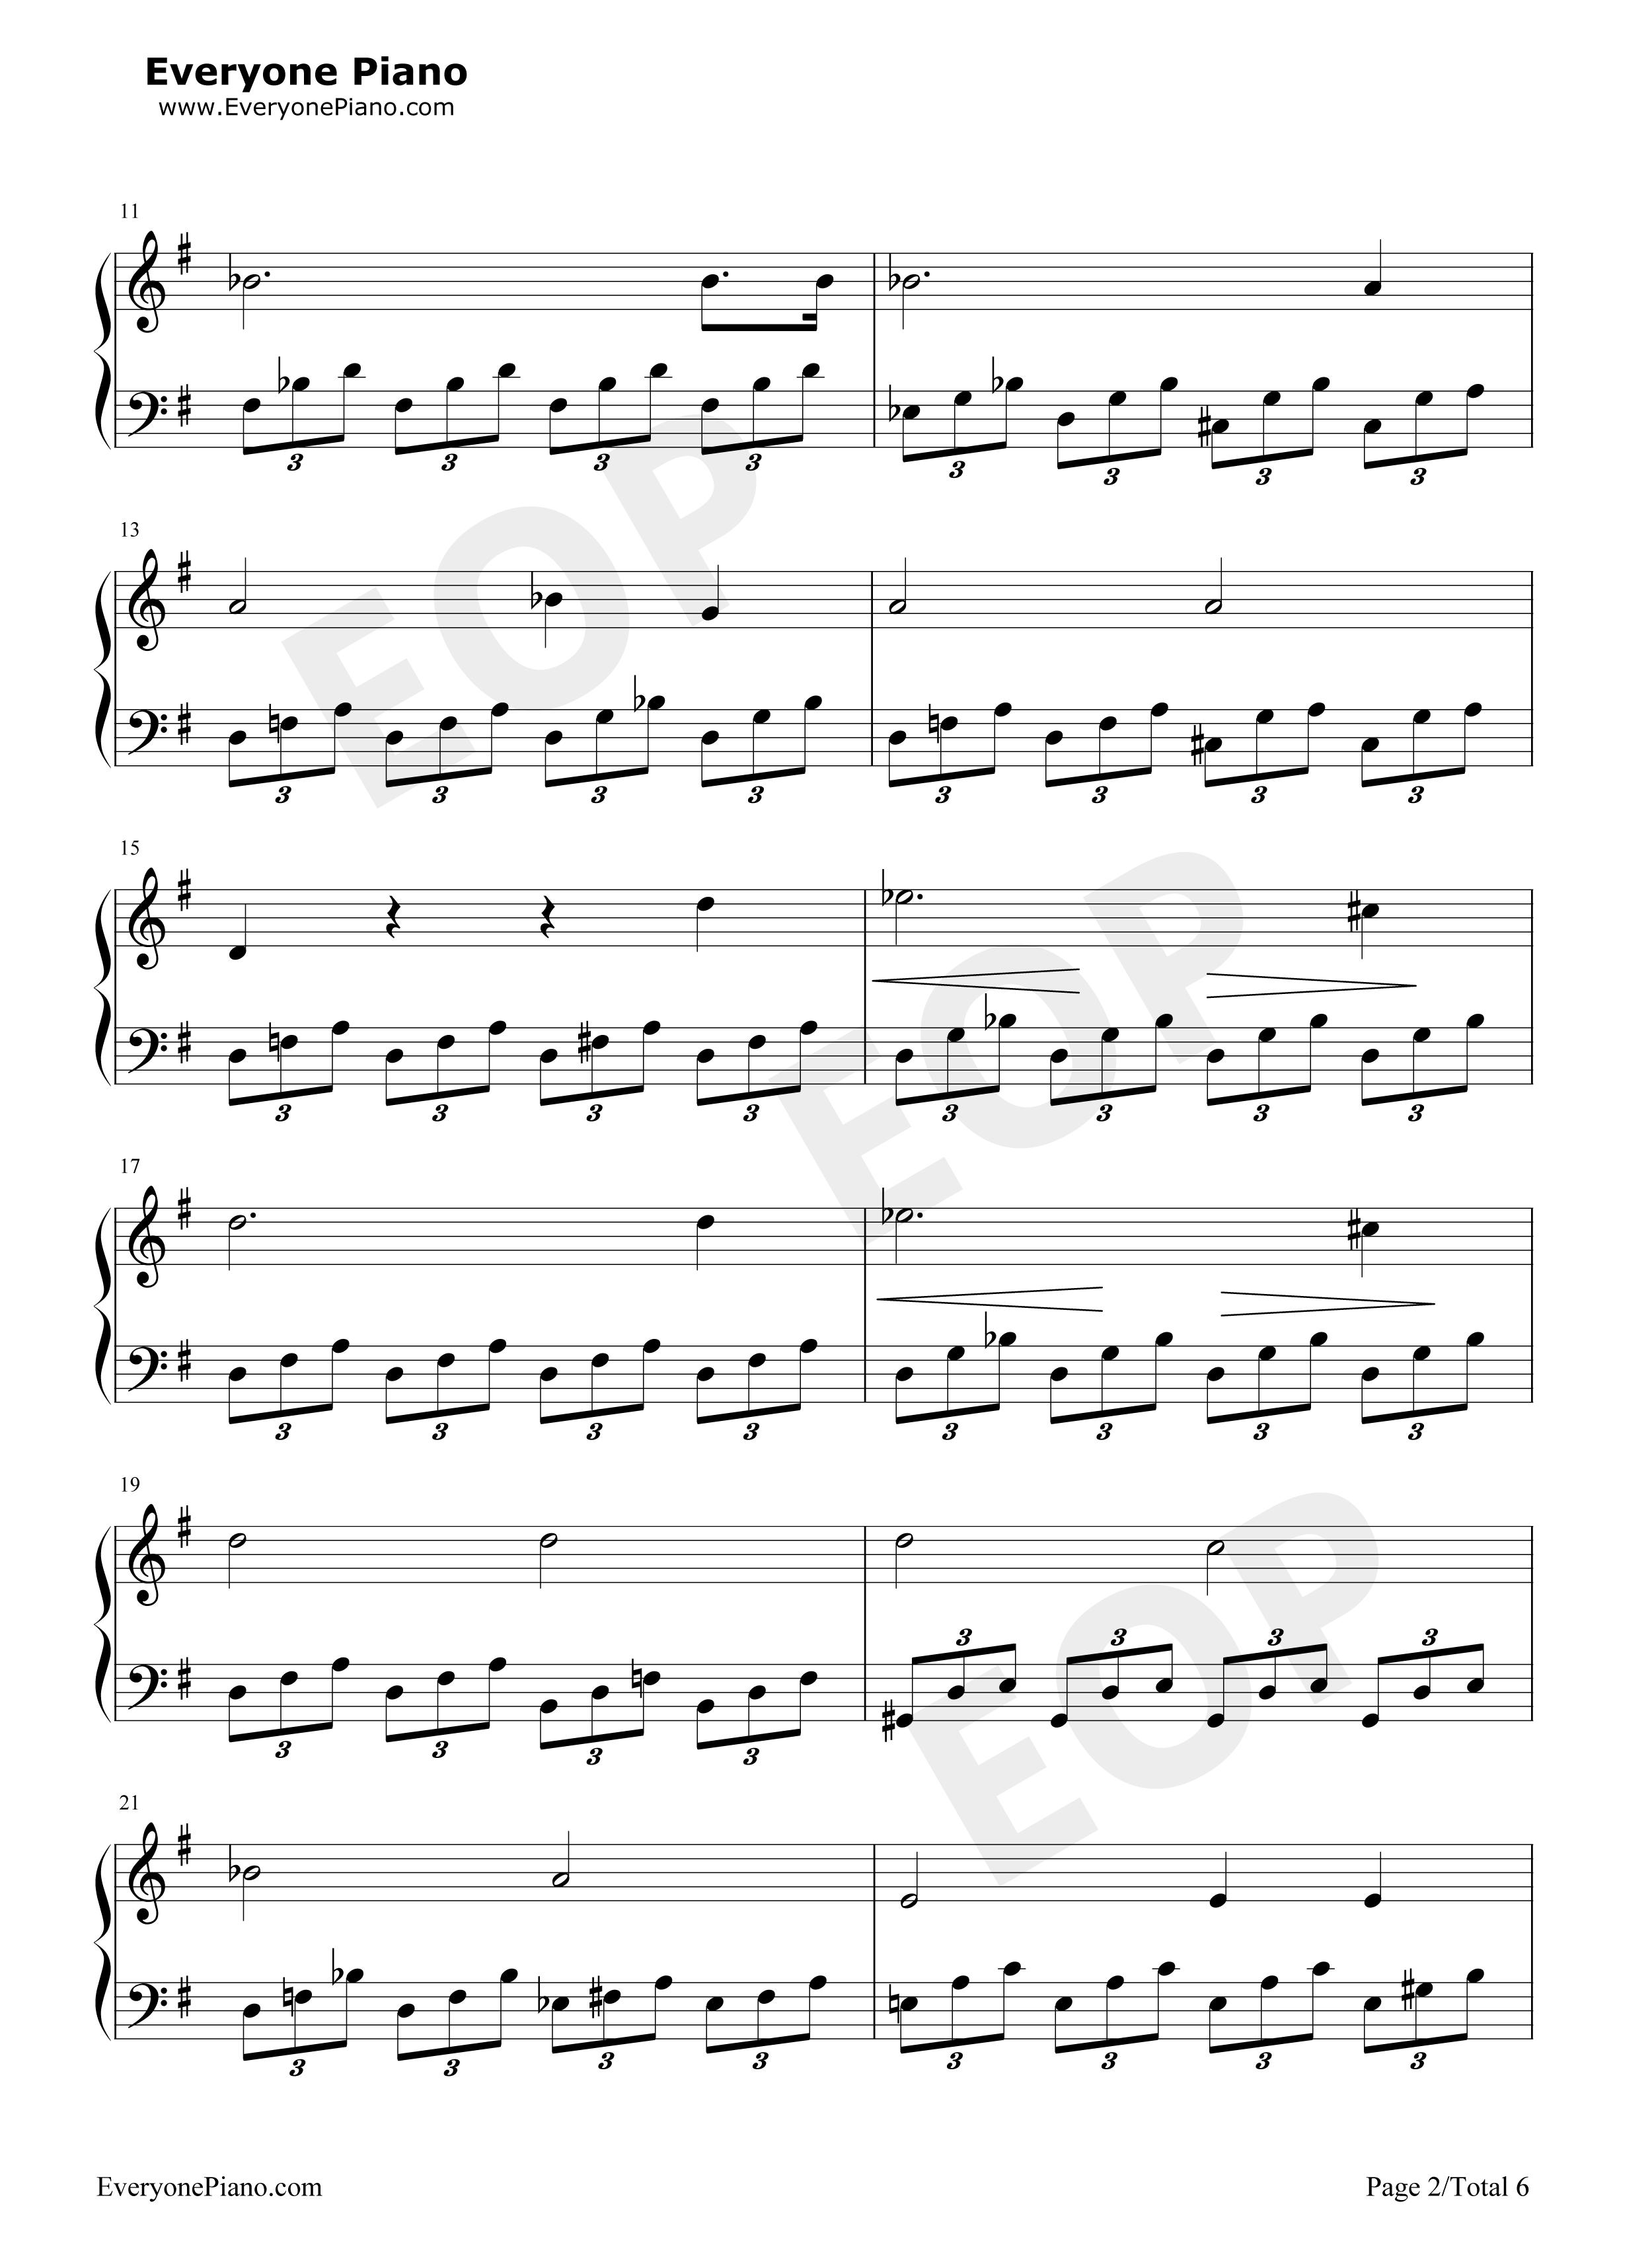 月光奏鸣曲五线谱预览2-钢琴谱(五线谱,双手简谱)免费